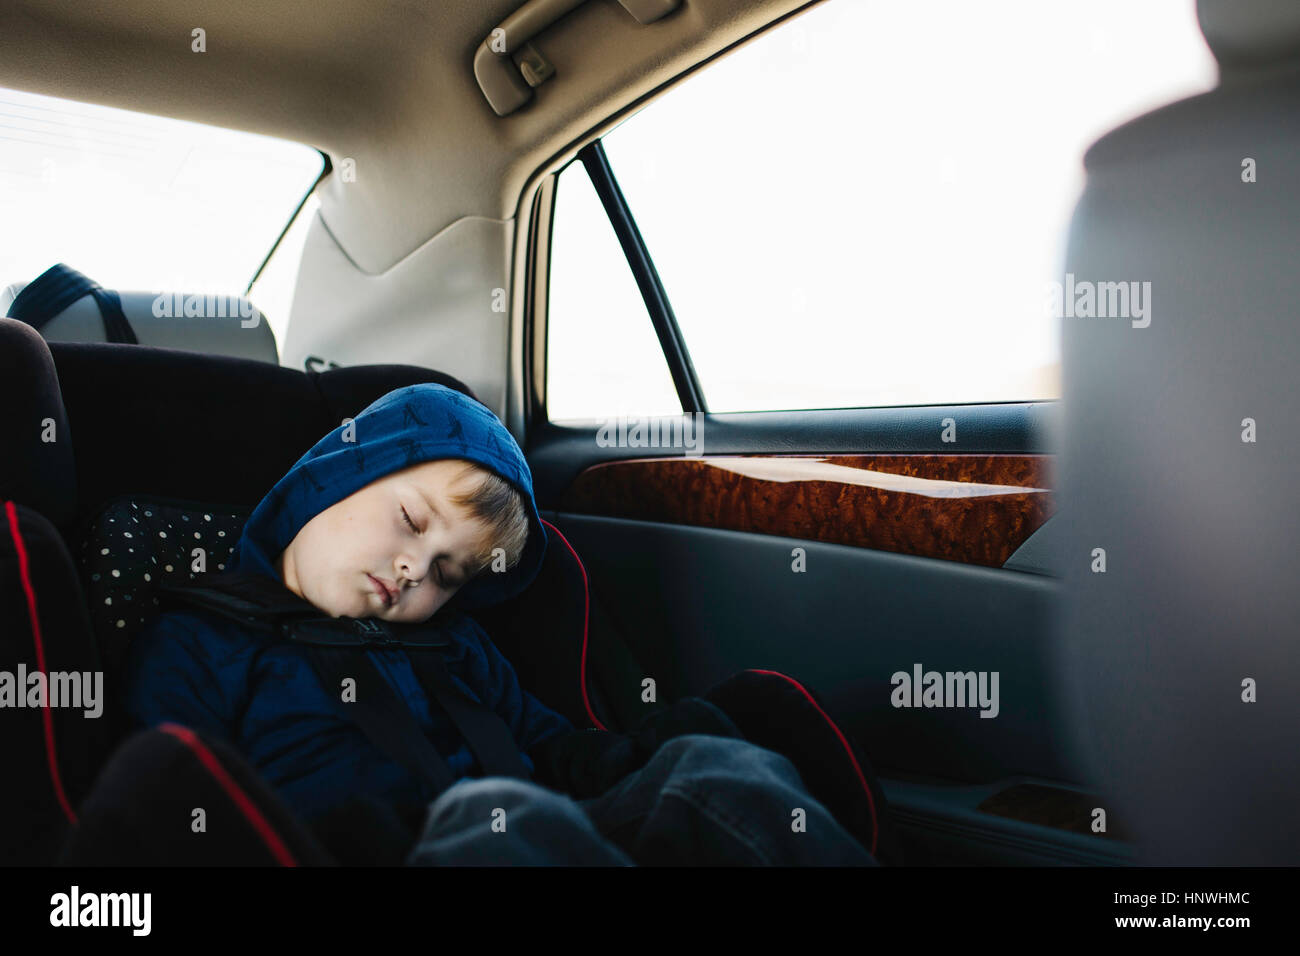 Joven durmiendo en el asiento trasero del coche Imagen De Stock